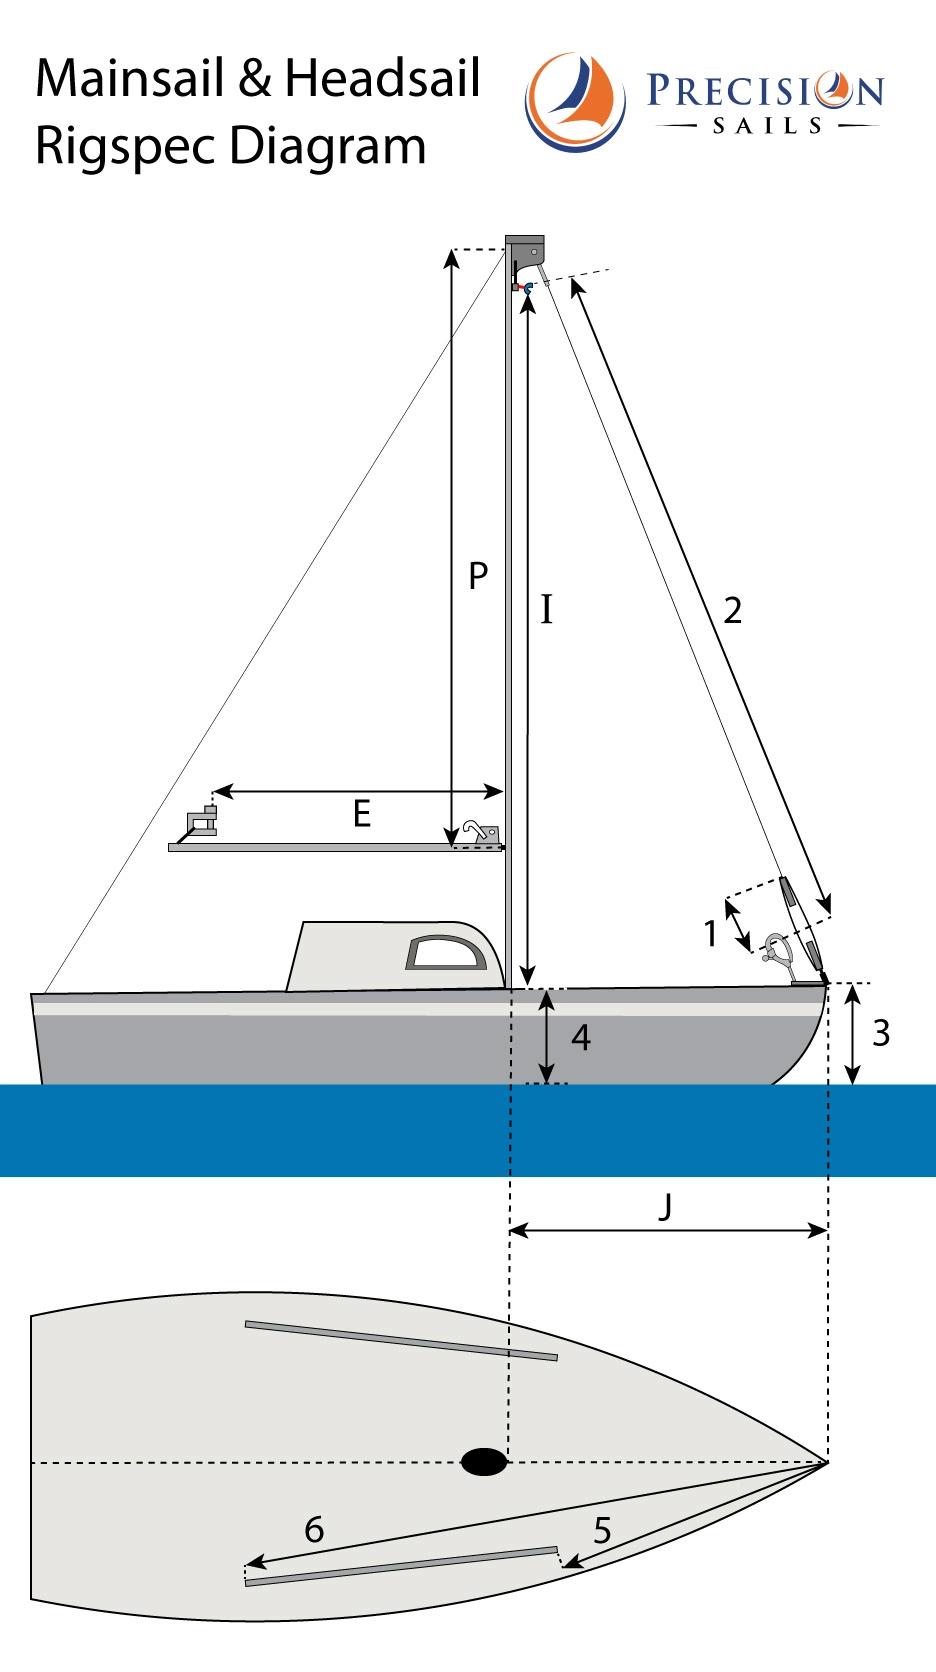 Mainsail & Headsail Rigspec Diagram